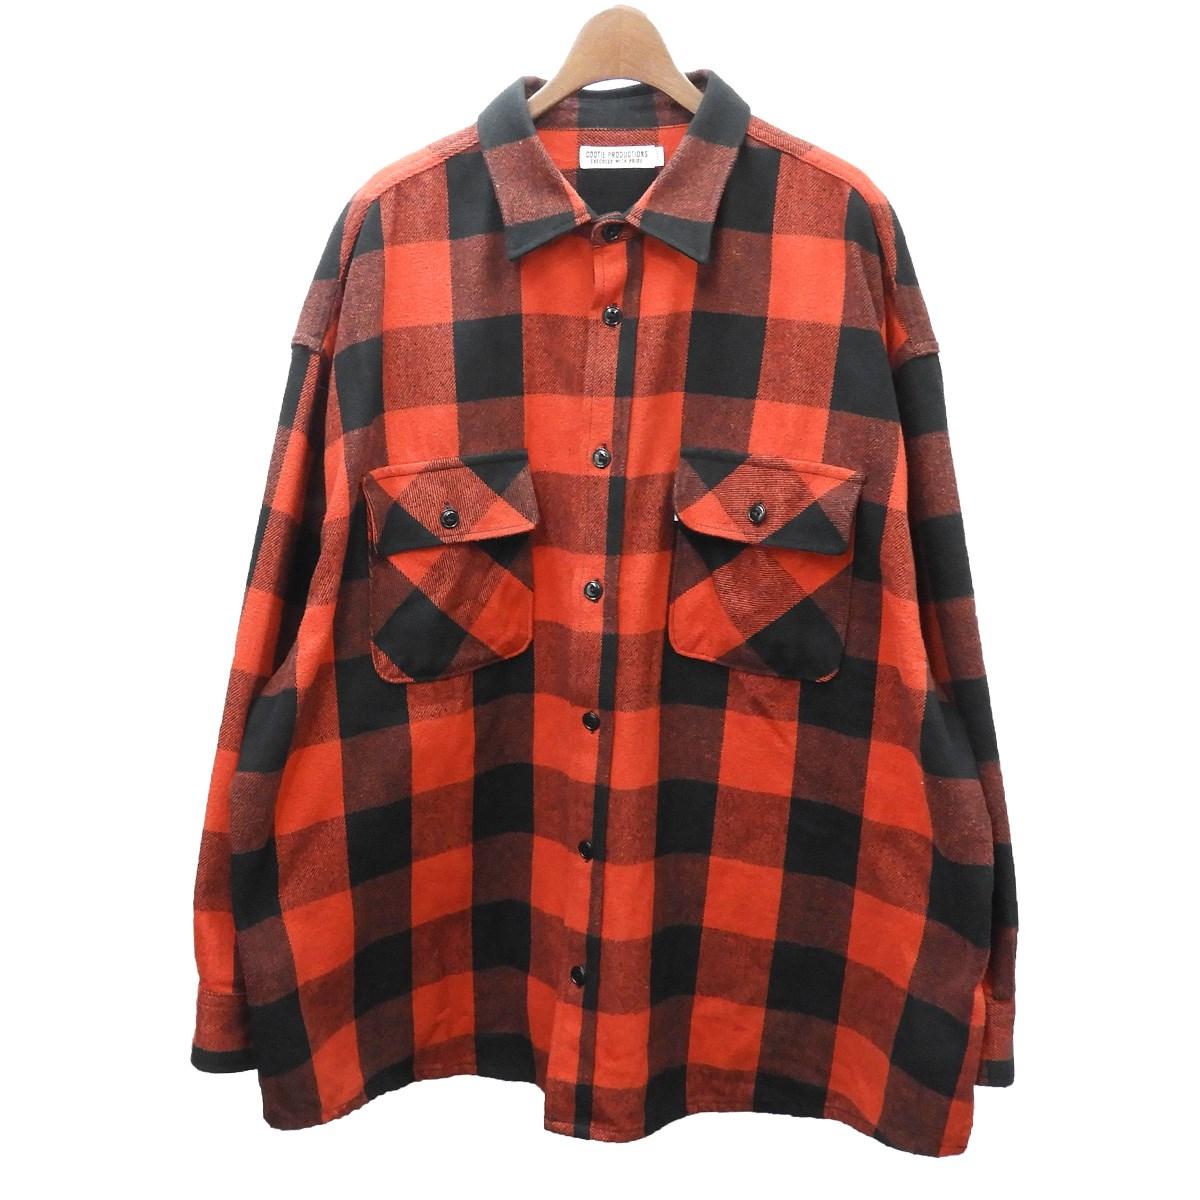 【中古】COOTIE 2019AW「Buffalo CPO Jacket」バッファローチェックシャツ レッド×ブラック サイズ:L 【030420】(クーティー)